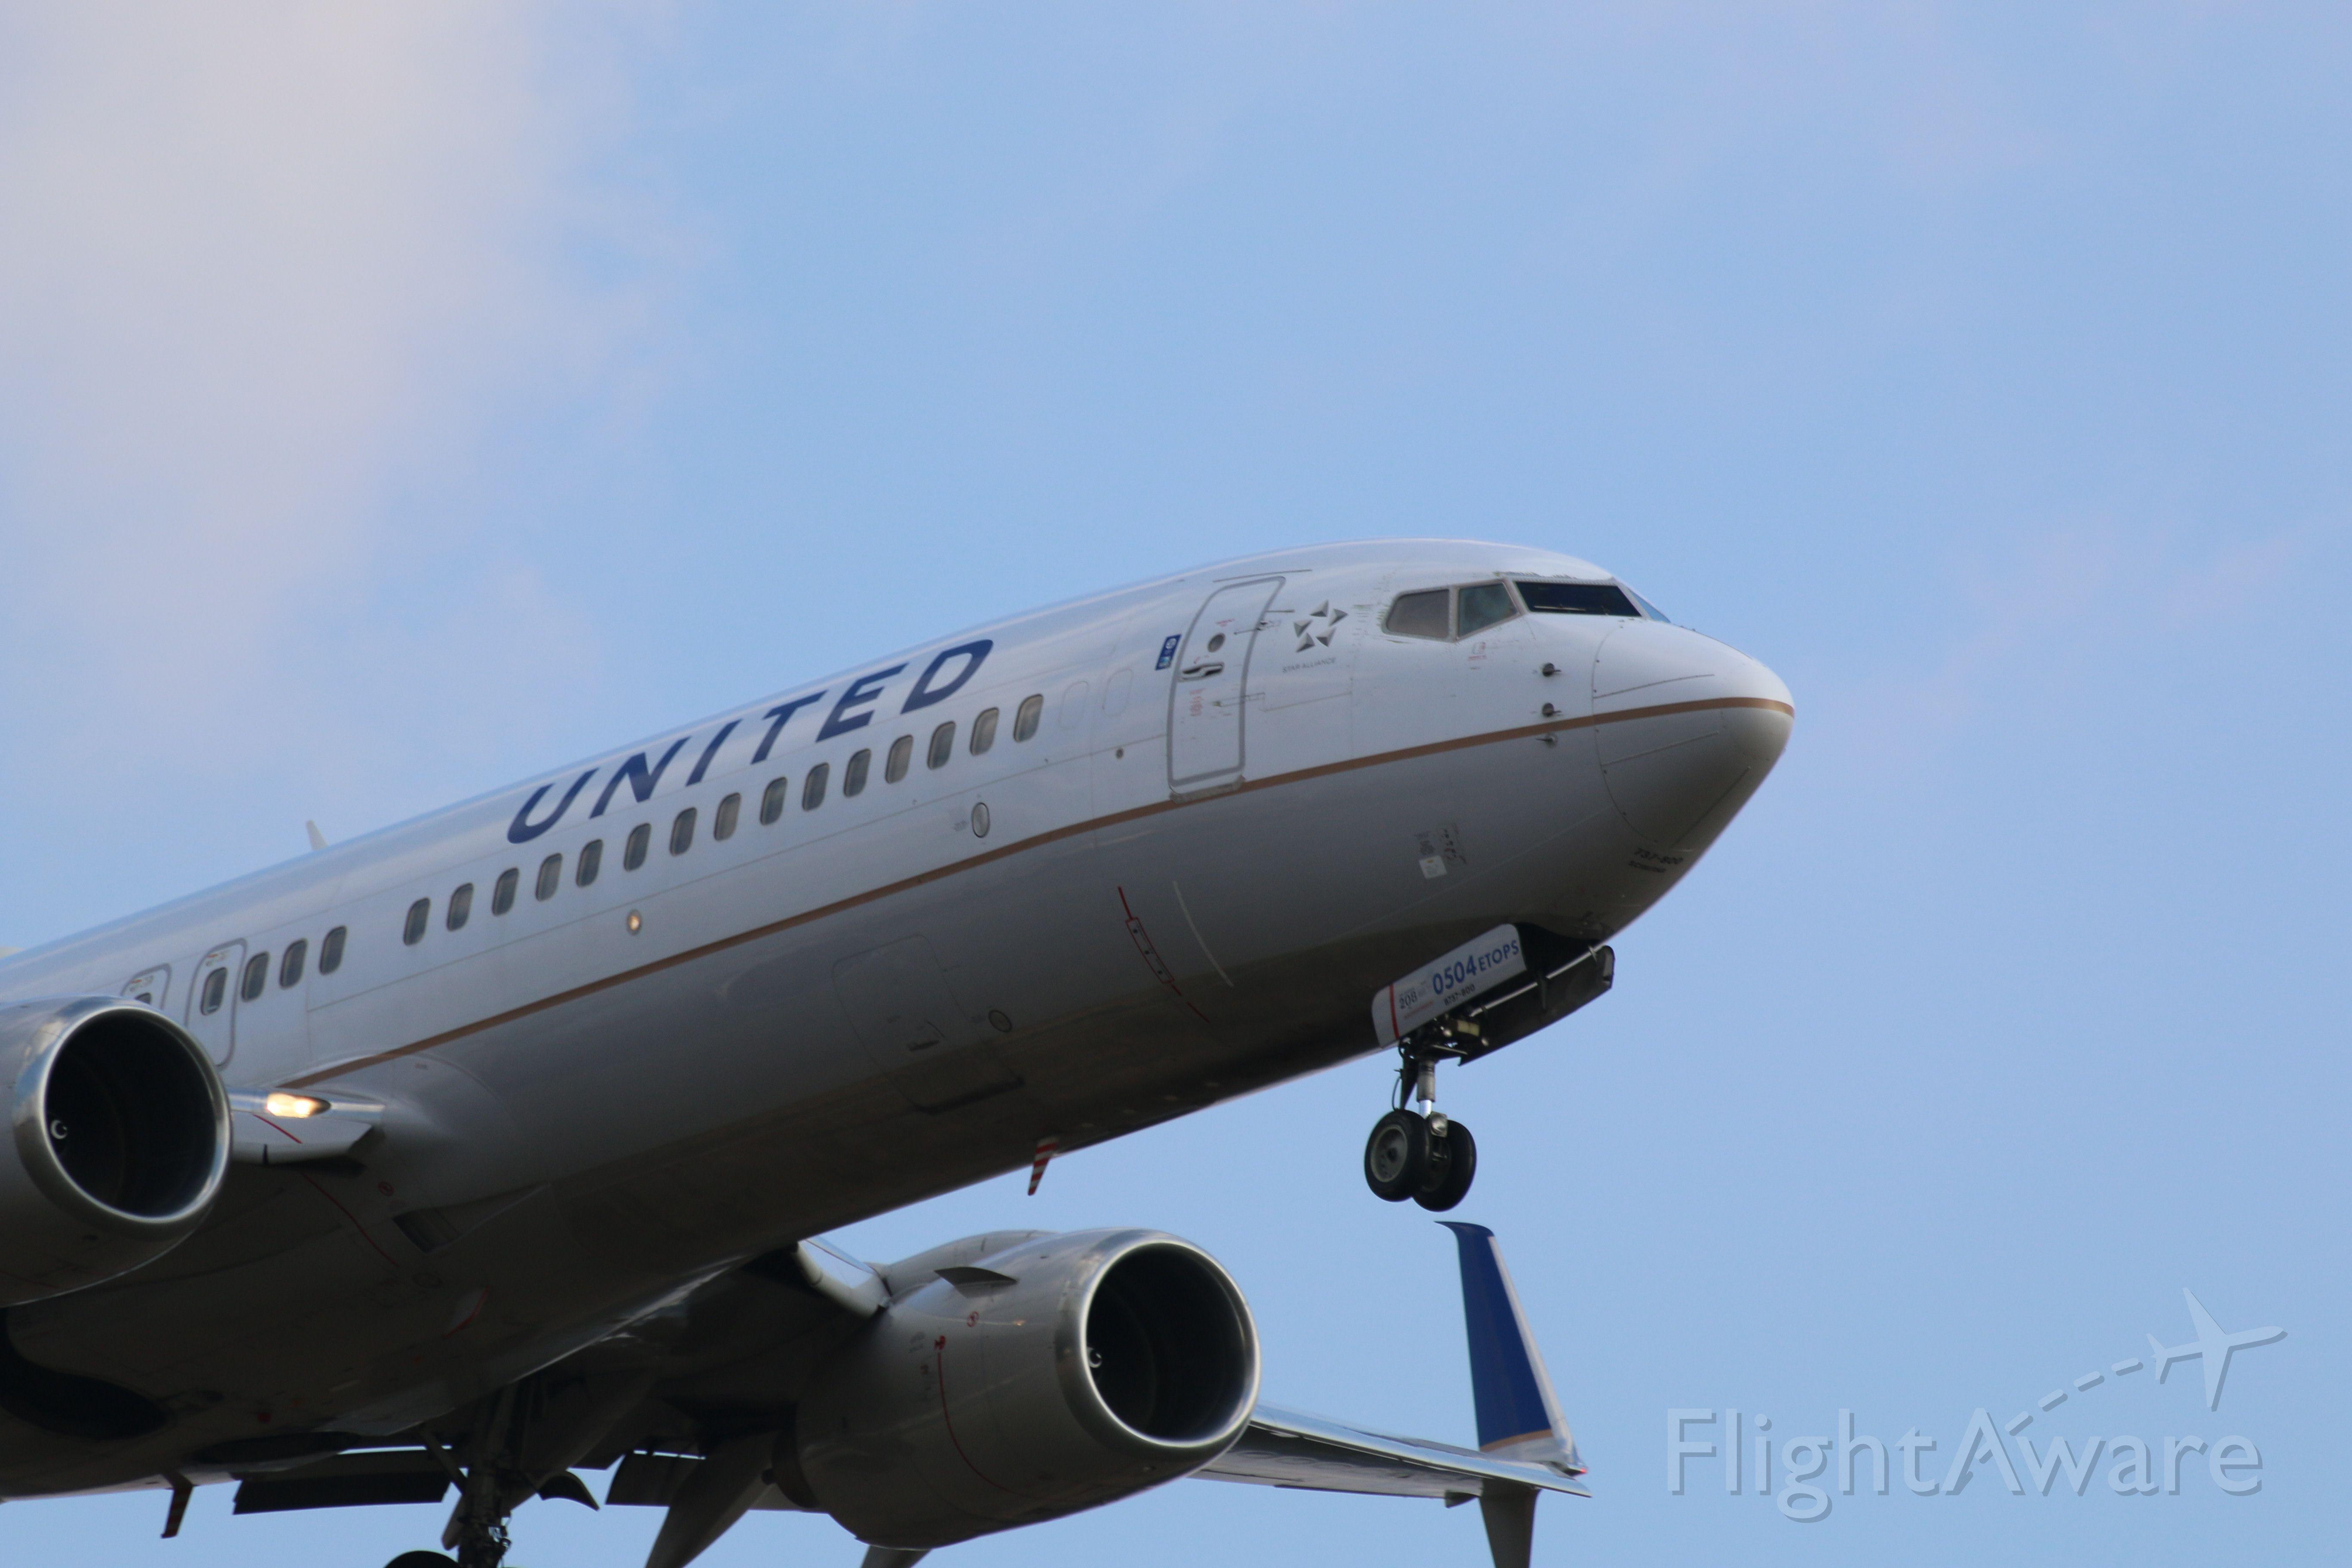 Boeing 737-700 (N76504) - B737 arriving at KIAH on RWY 27